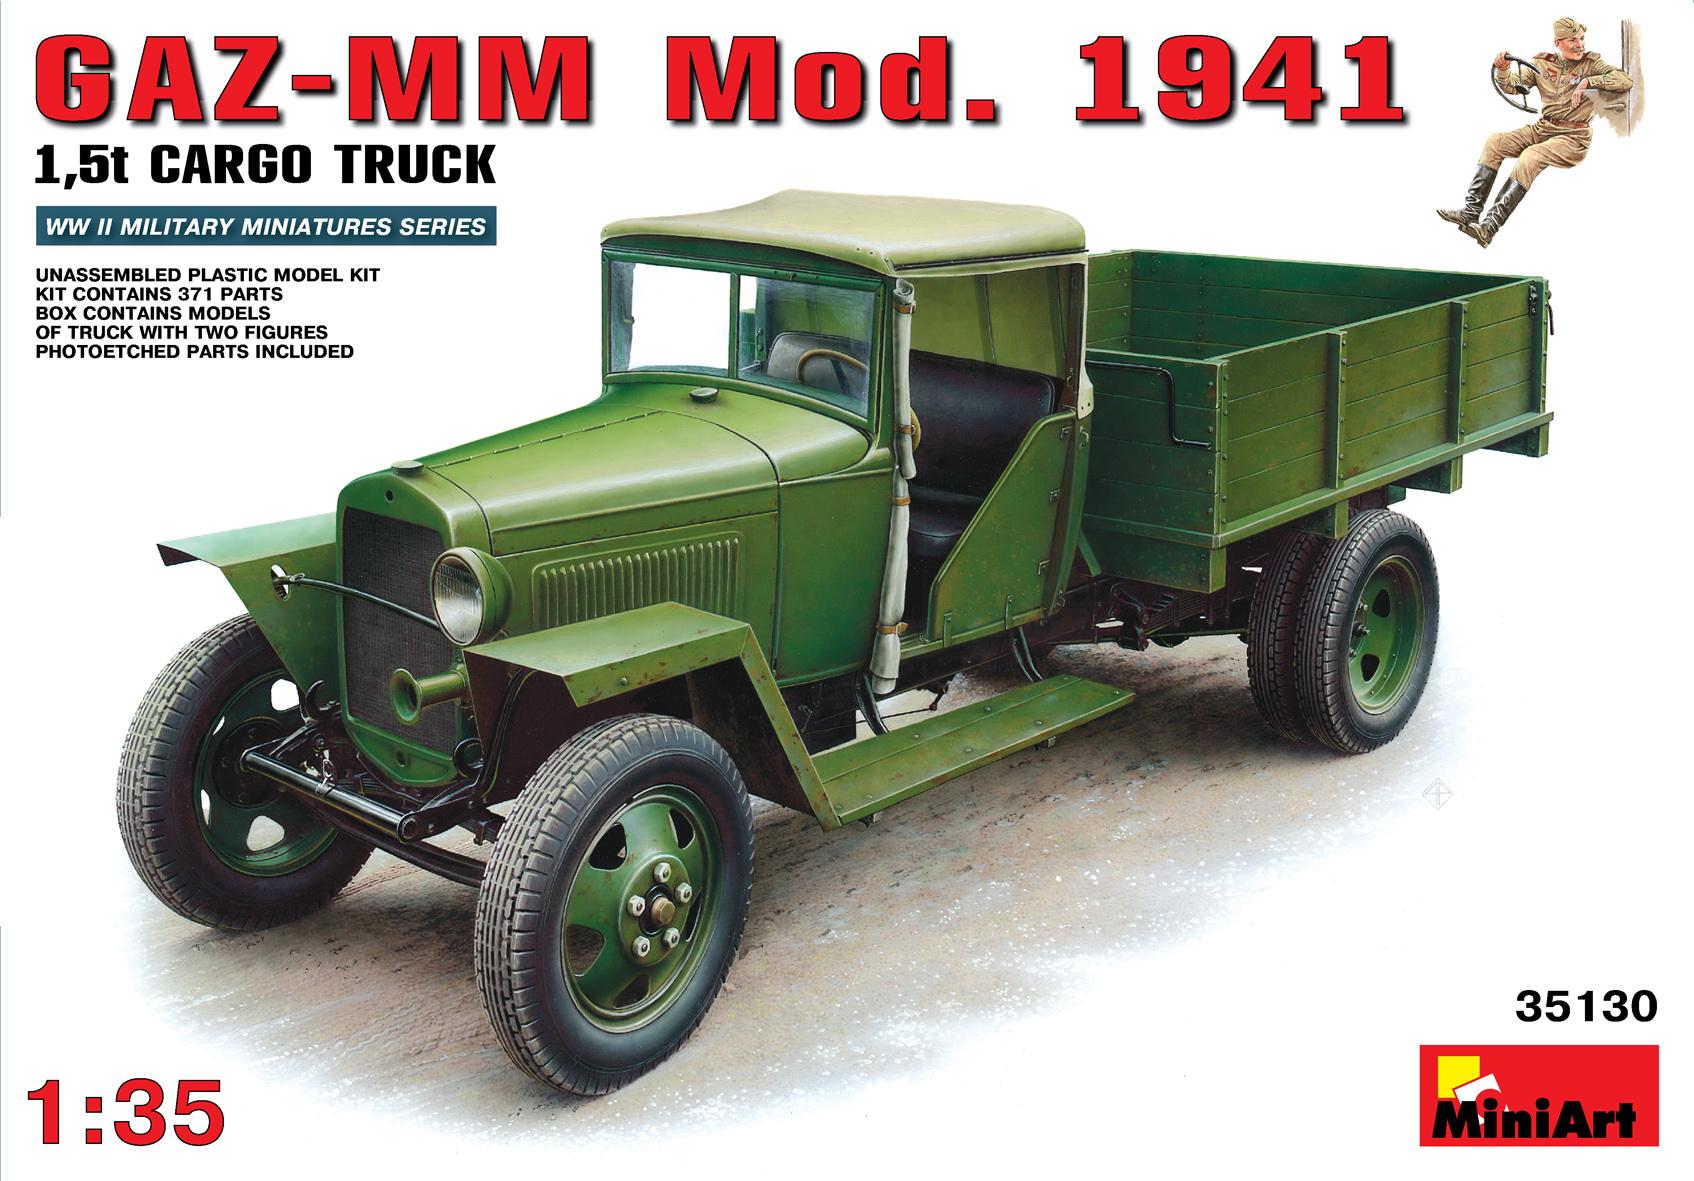 35130 GAZ-MM Mod.1941 1.5t CARGO TRUCK